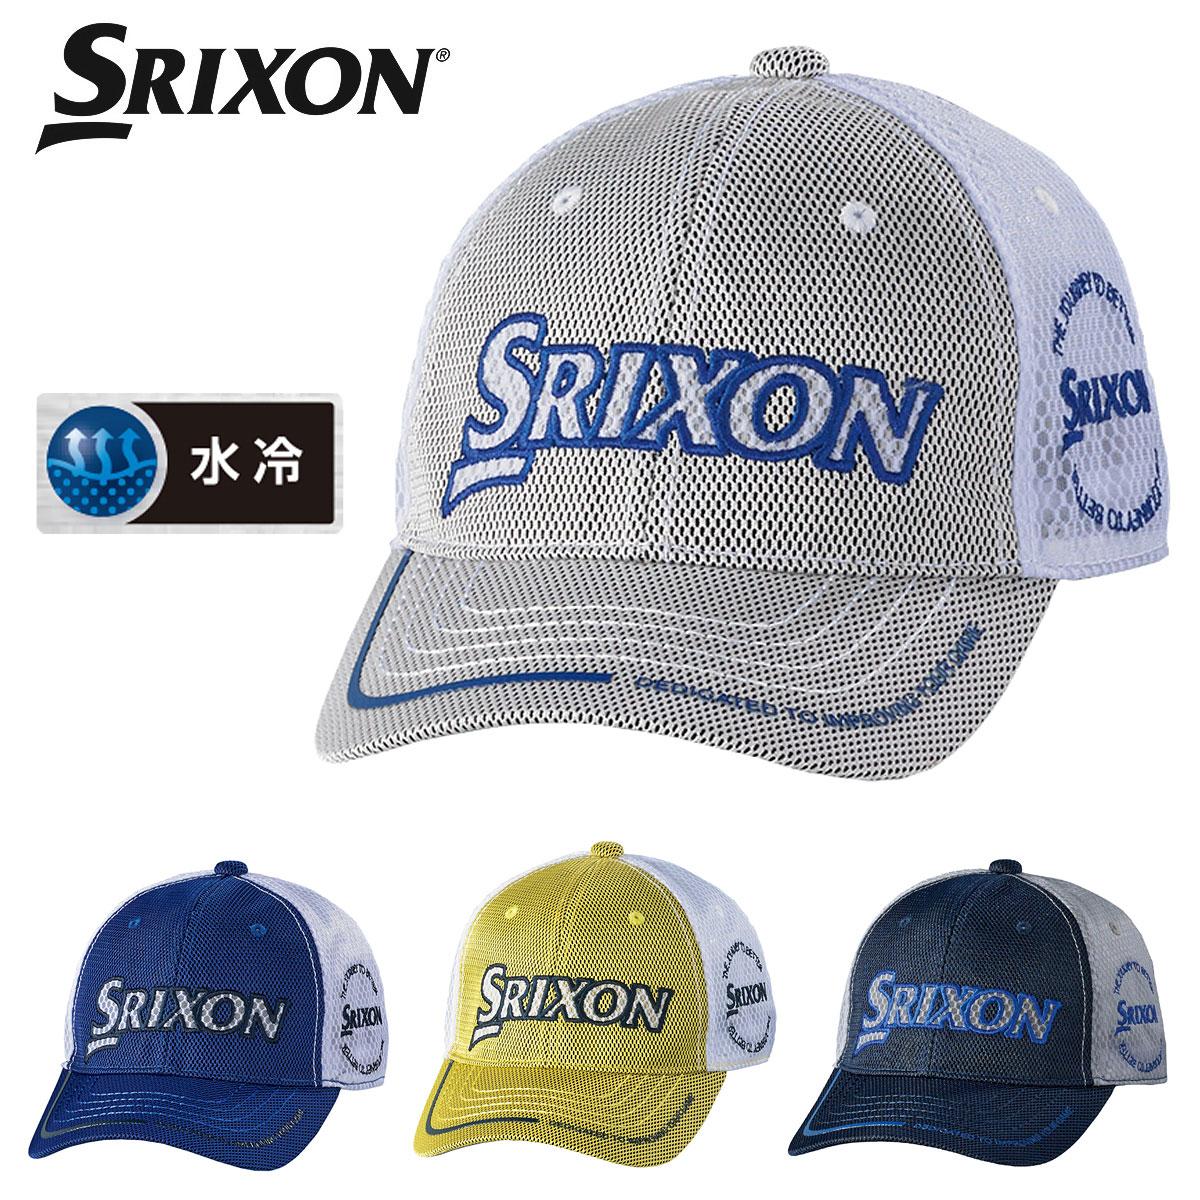 即納 DUNLOP ダンロップ 日本正規品 SRIXON スリクソン オートフォーカス あす楽対応 公式 秀逸 ゴルフメッシュキャップ 2021新製品 SMH1135